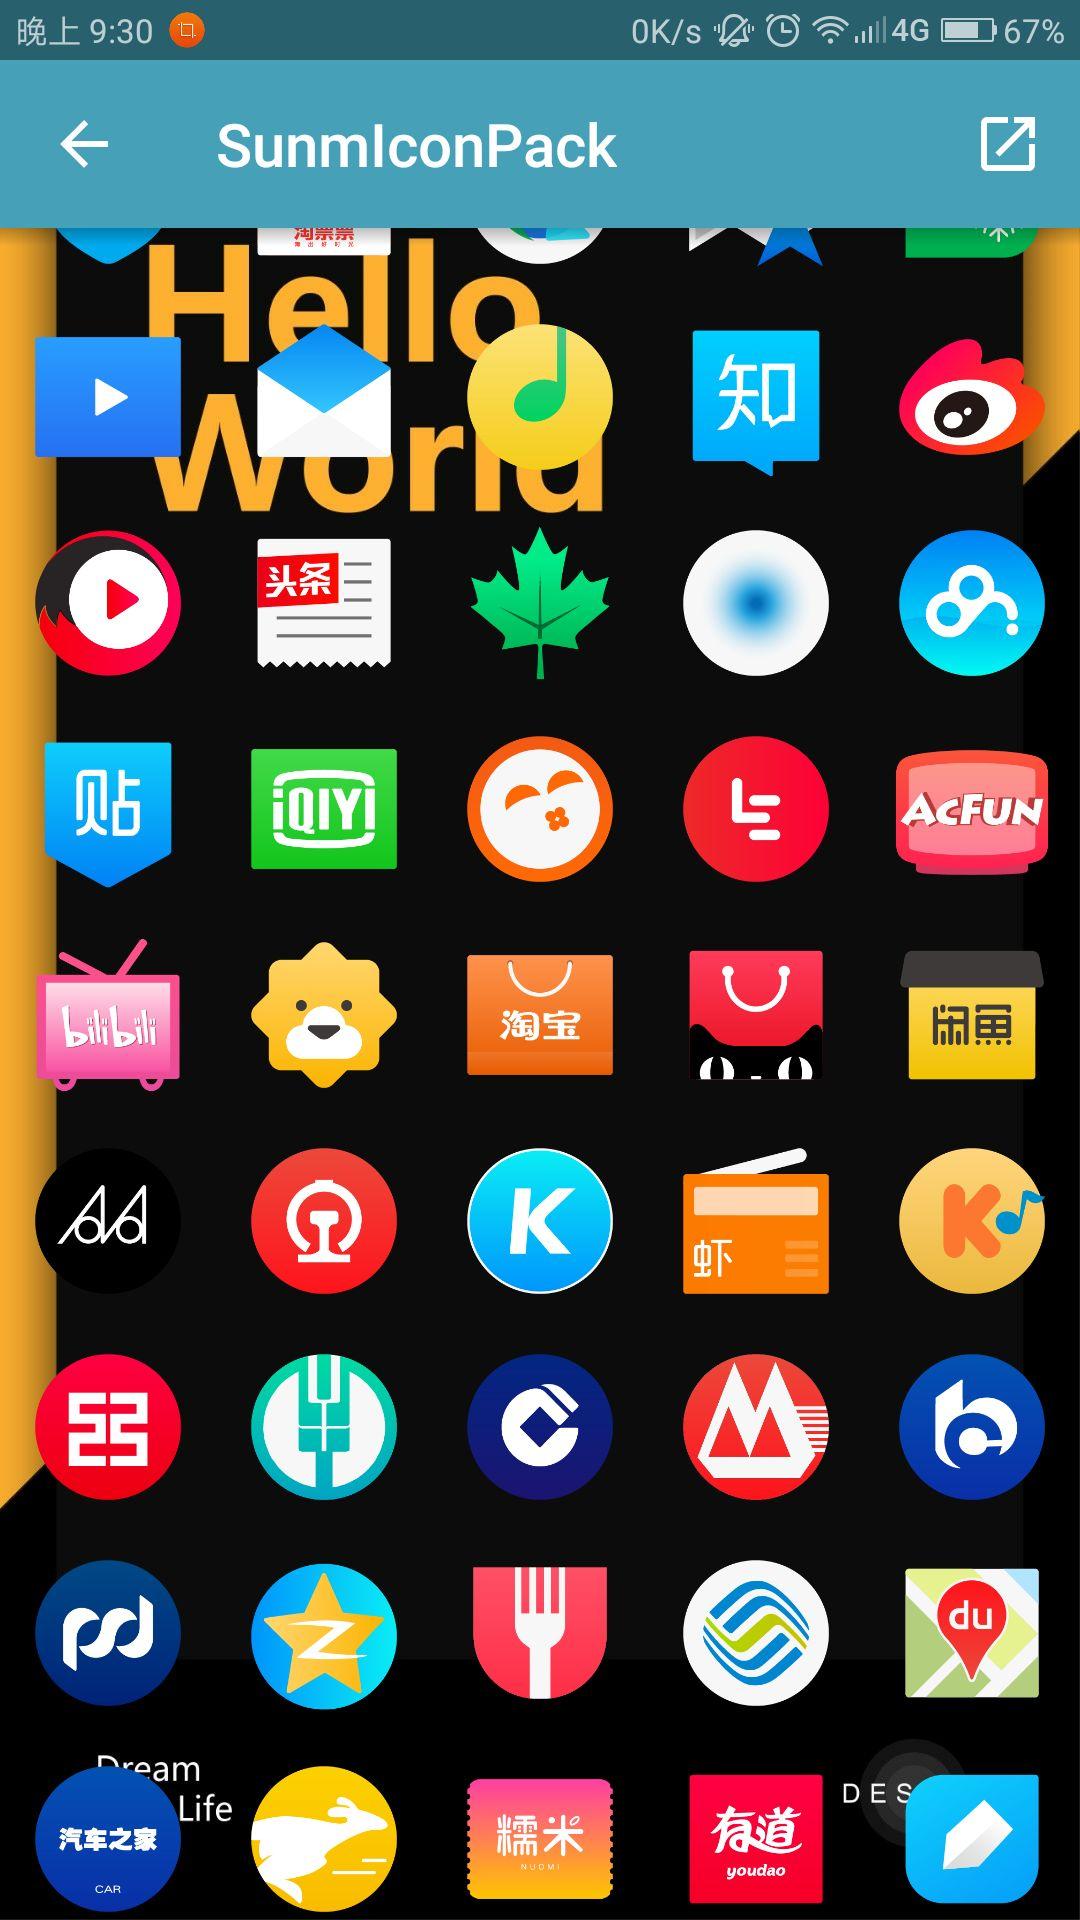 安卓手机图标不好看?试试这几款免费良心图标包(二)-3